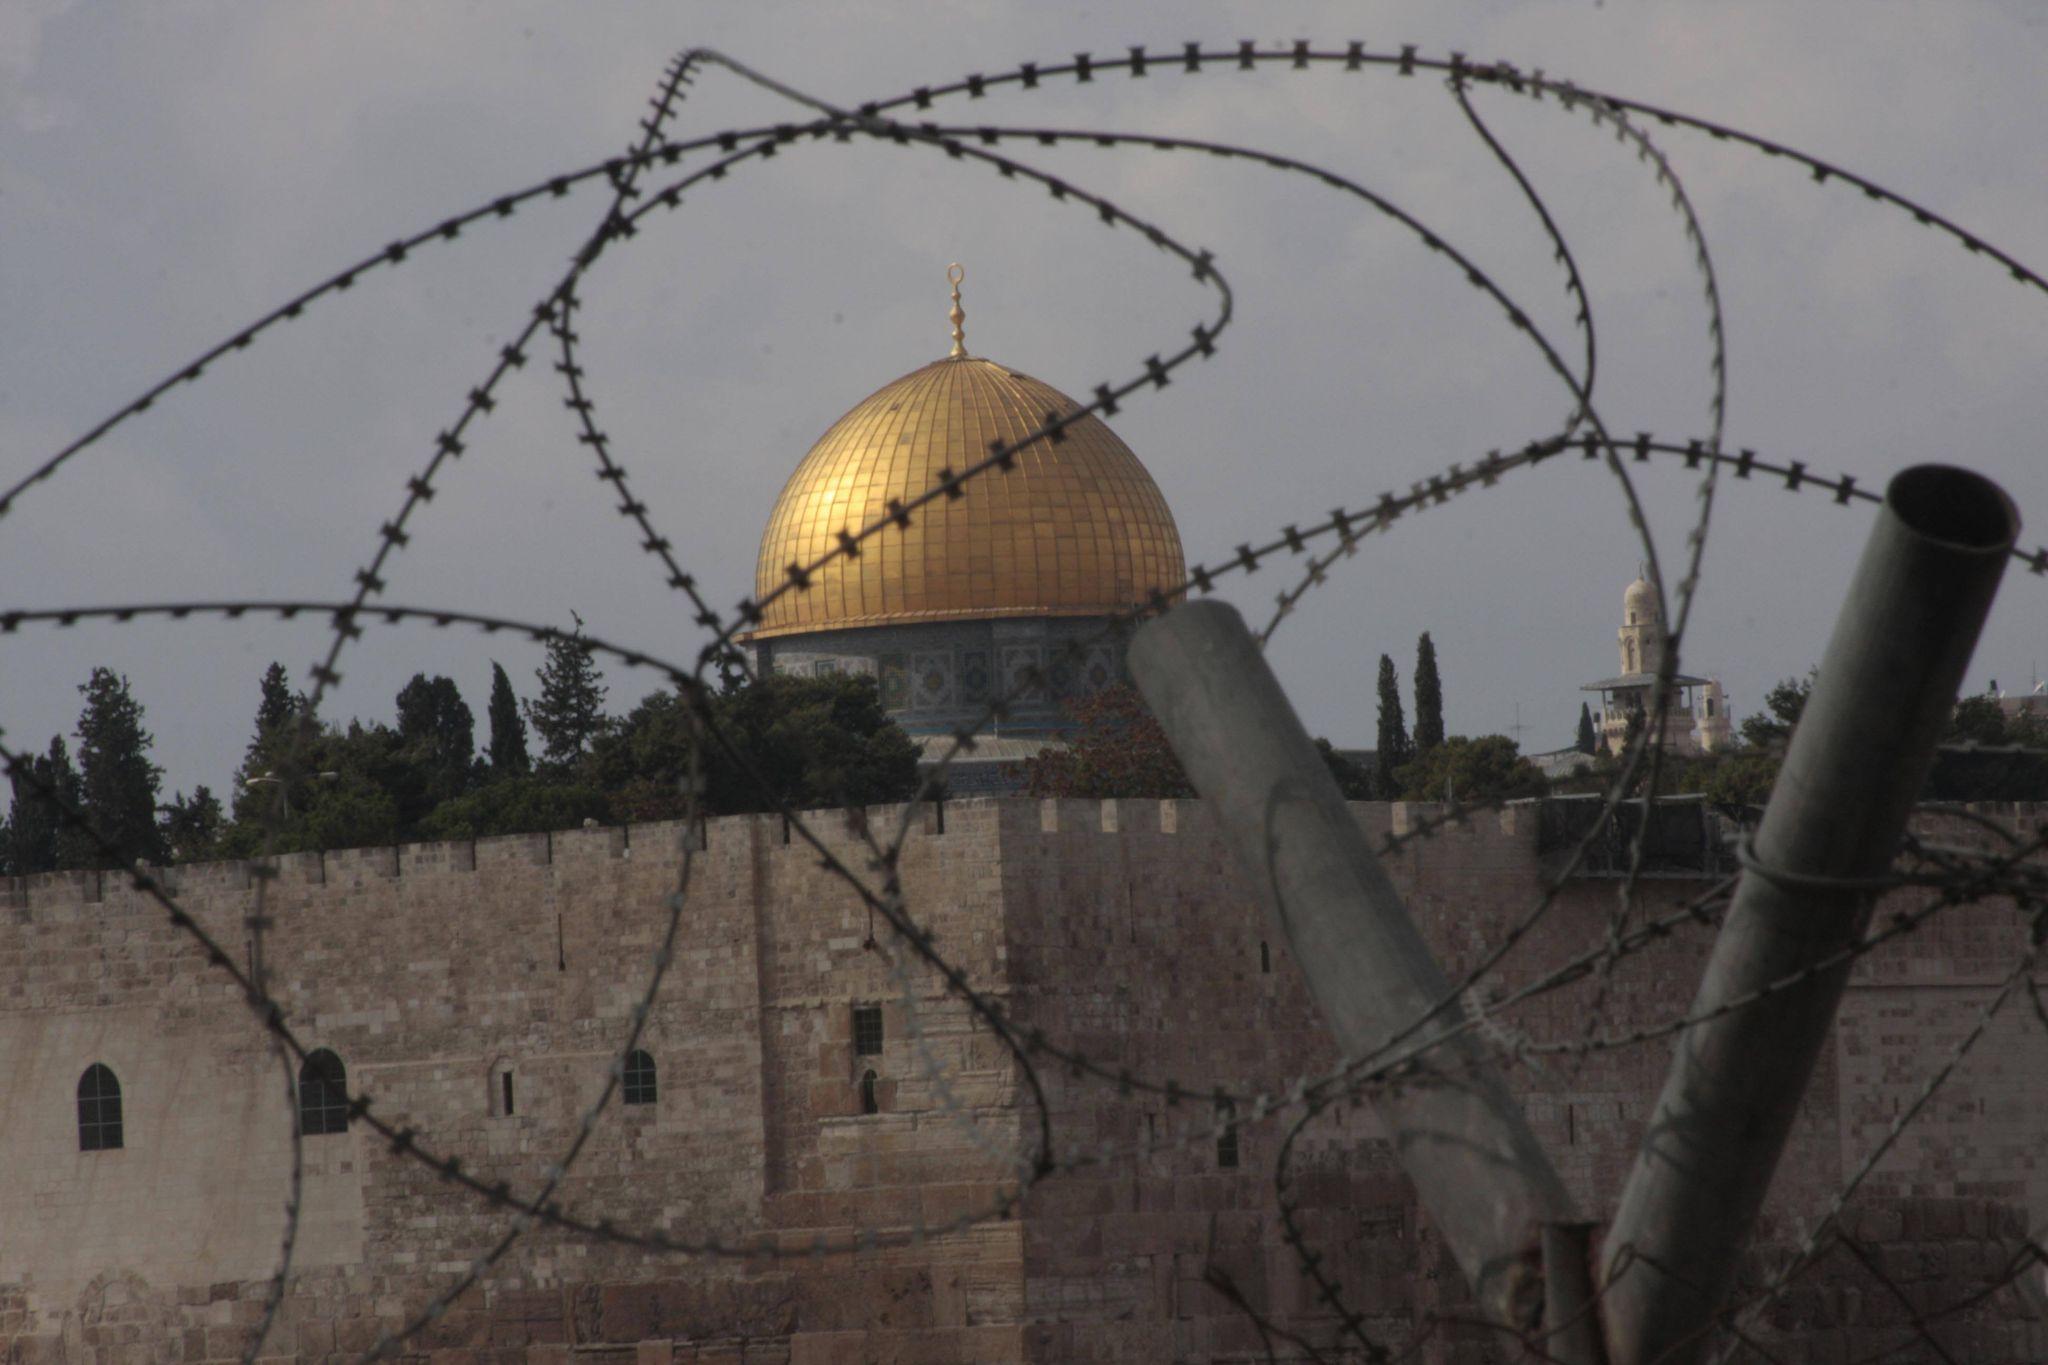 الاحتلال يمنع تنفيذ أعمال ترميم في قبة الصخرة